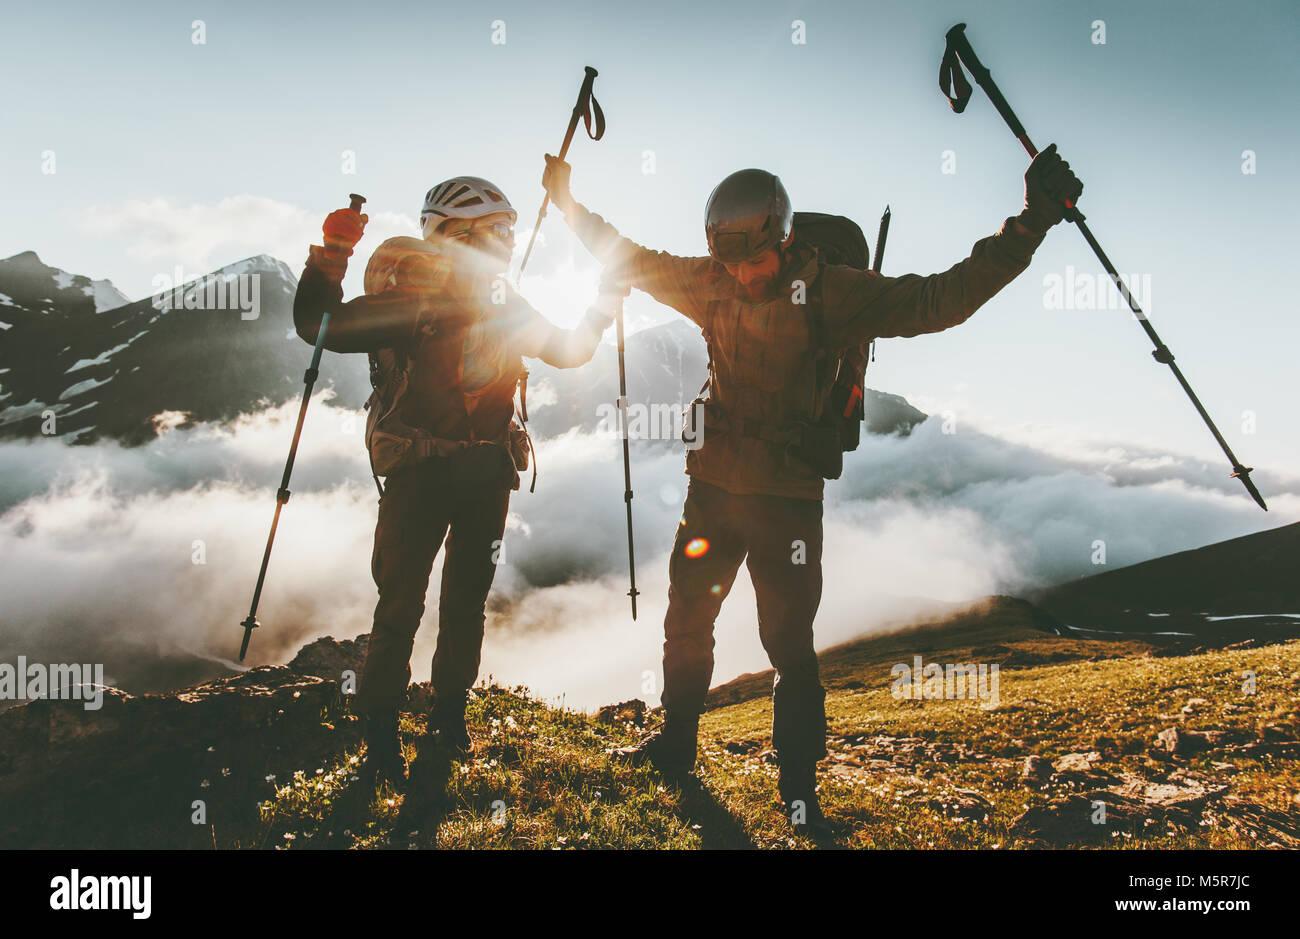 Buon viaggio giovane uomo e donna sul vertice di montagna di amore e di Avventura Trekking Lifestyle wanderlust Immagini Stock